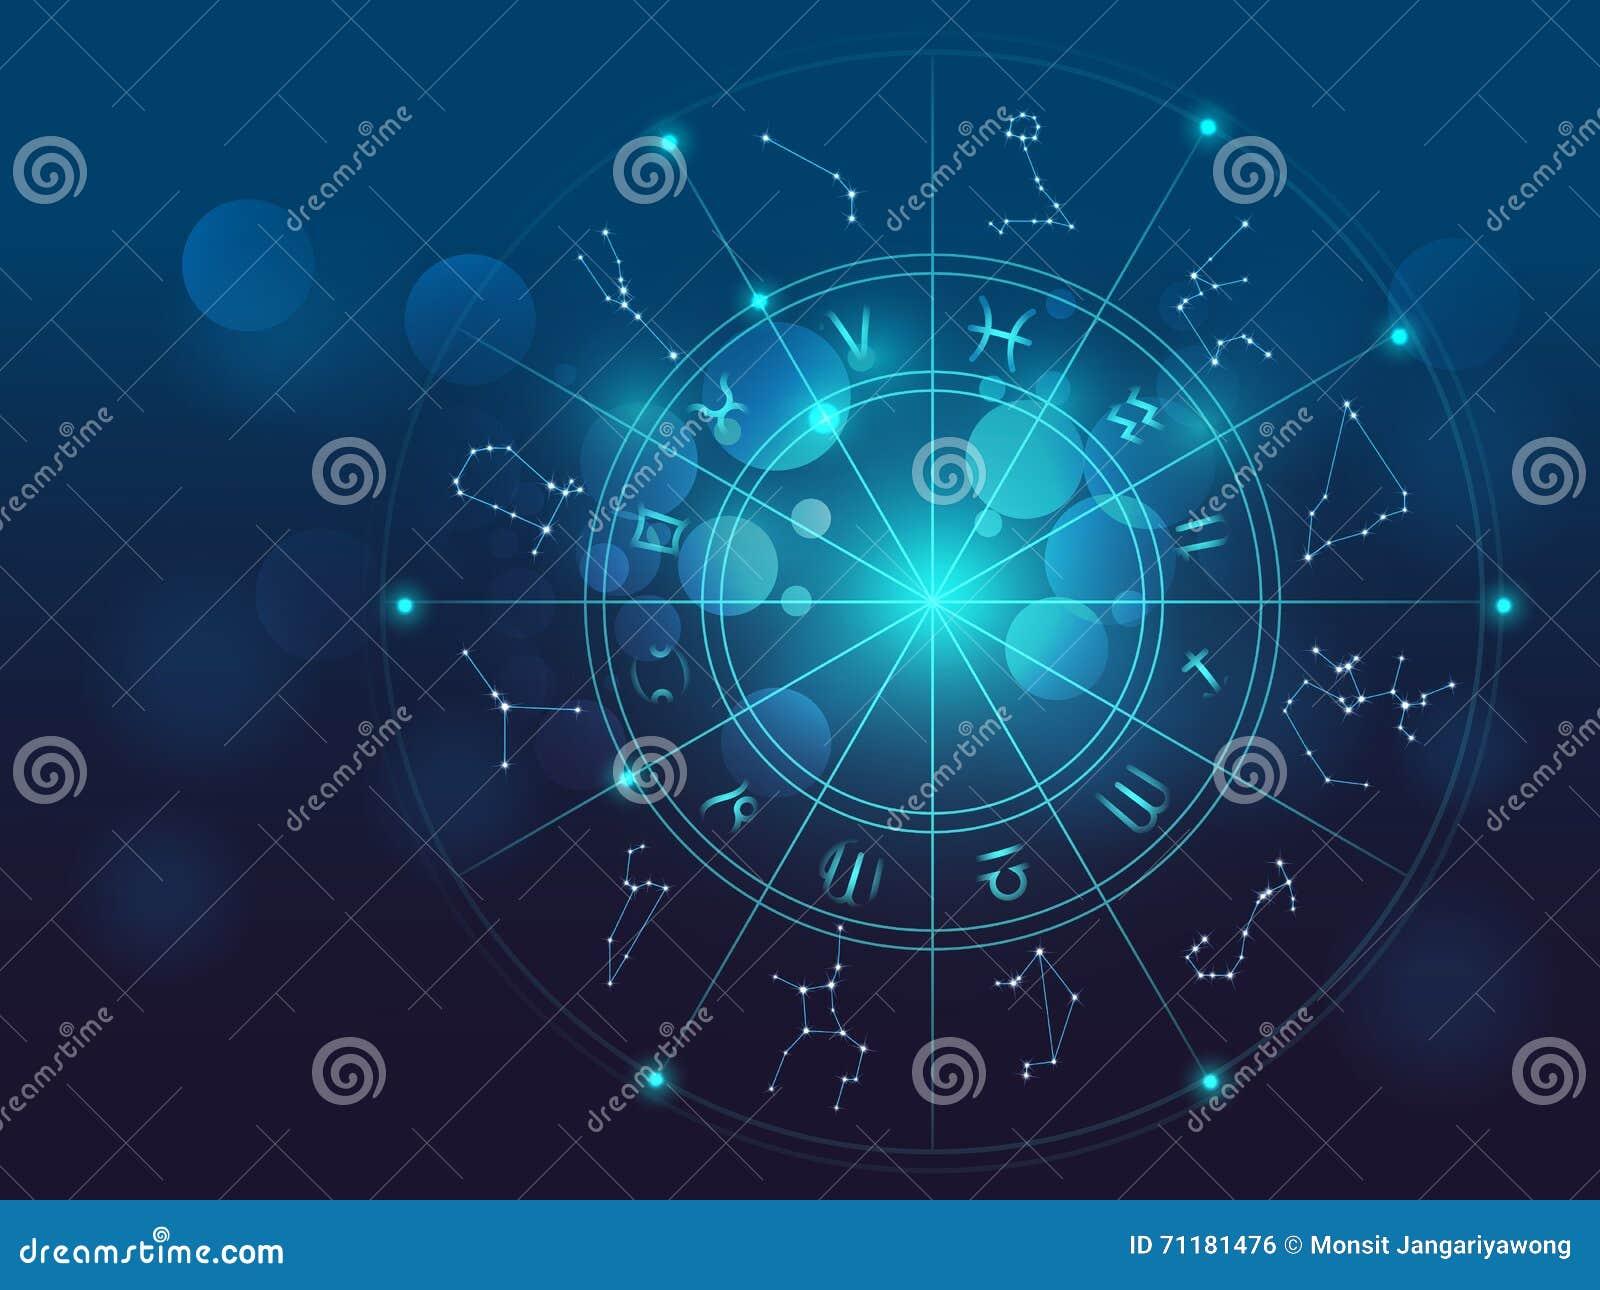 Illustrazione di vettore del fondo del segno di alchemia e di astrologia